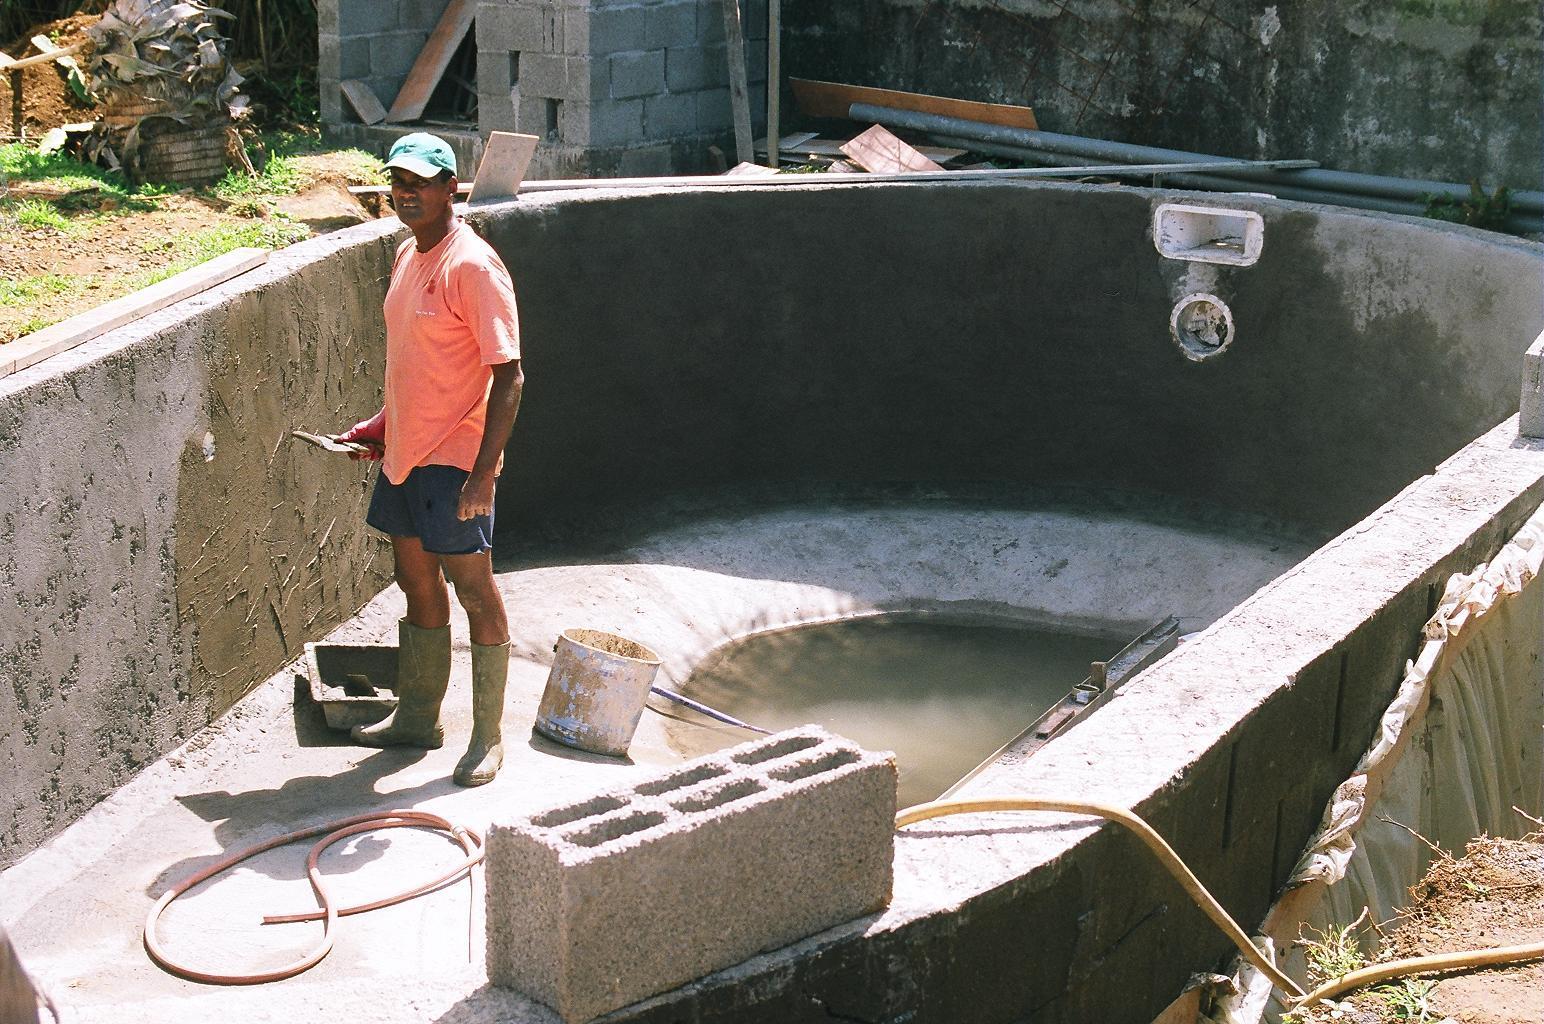 Cr pis fin construction de notre piscine for Construction piscine 974